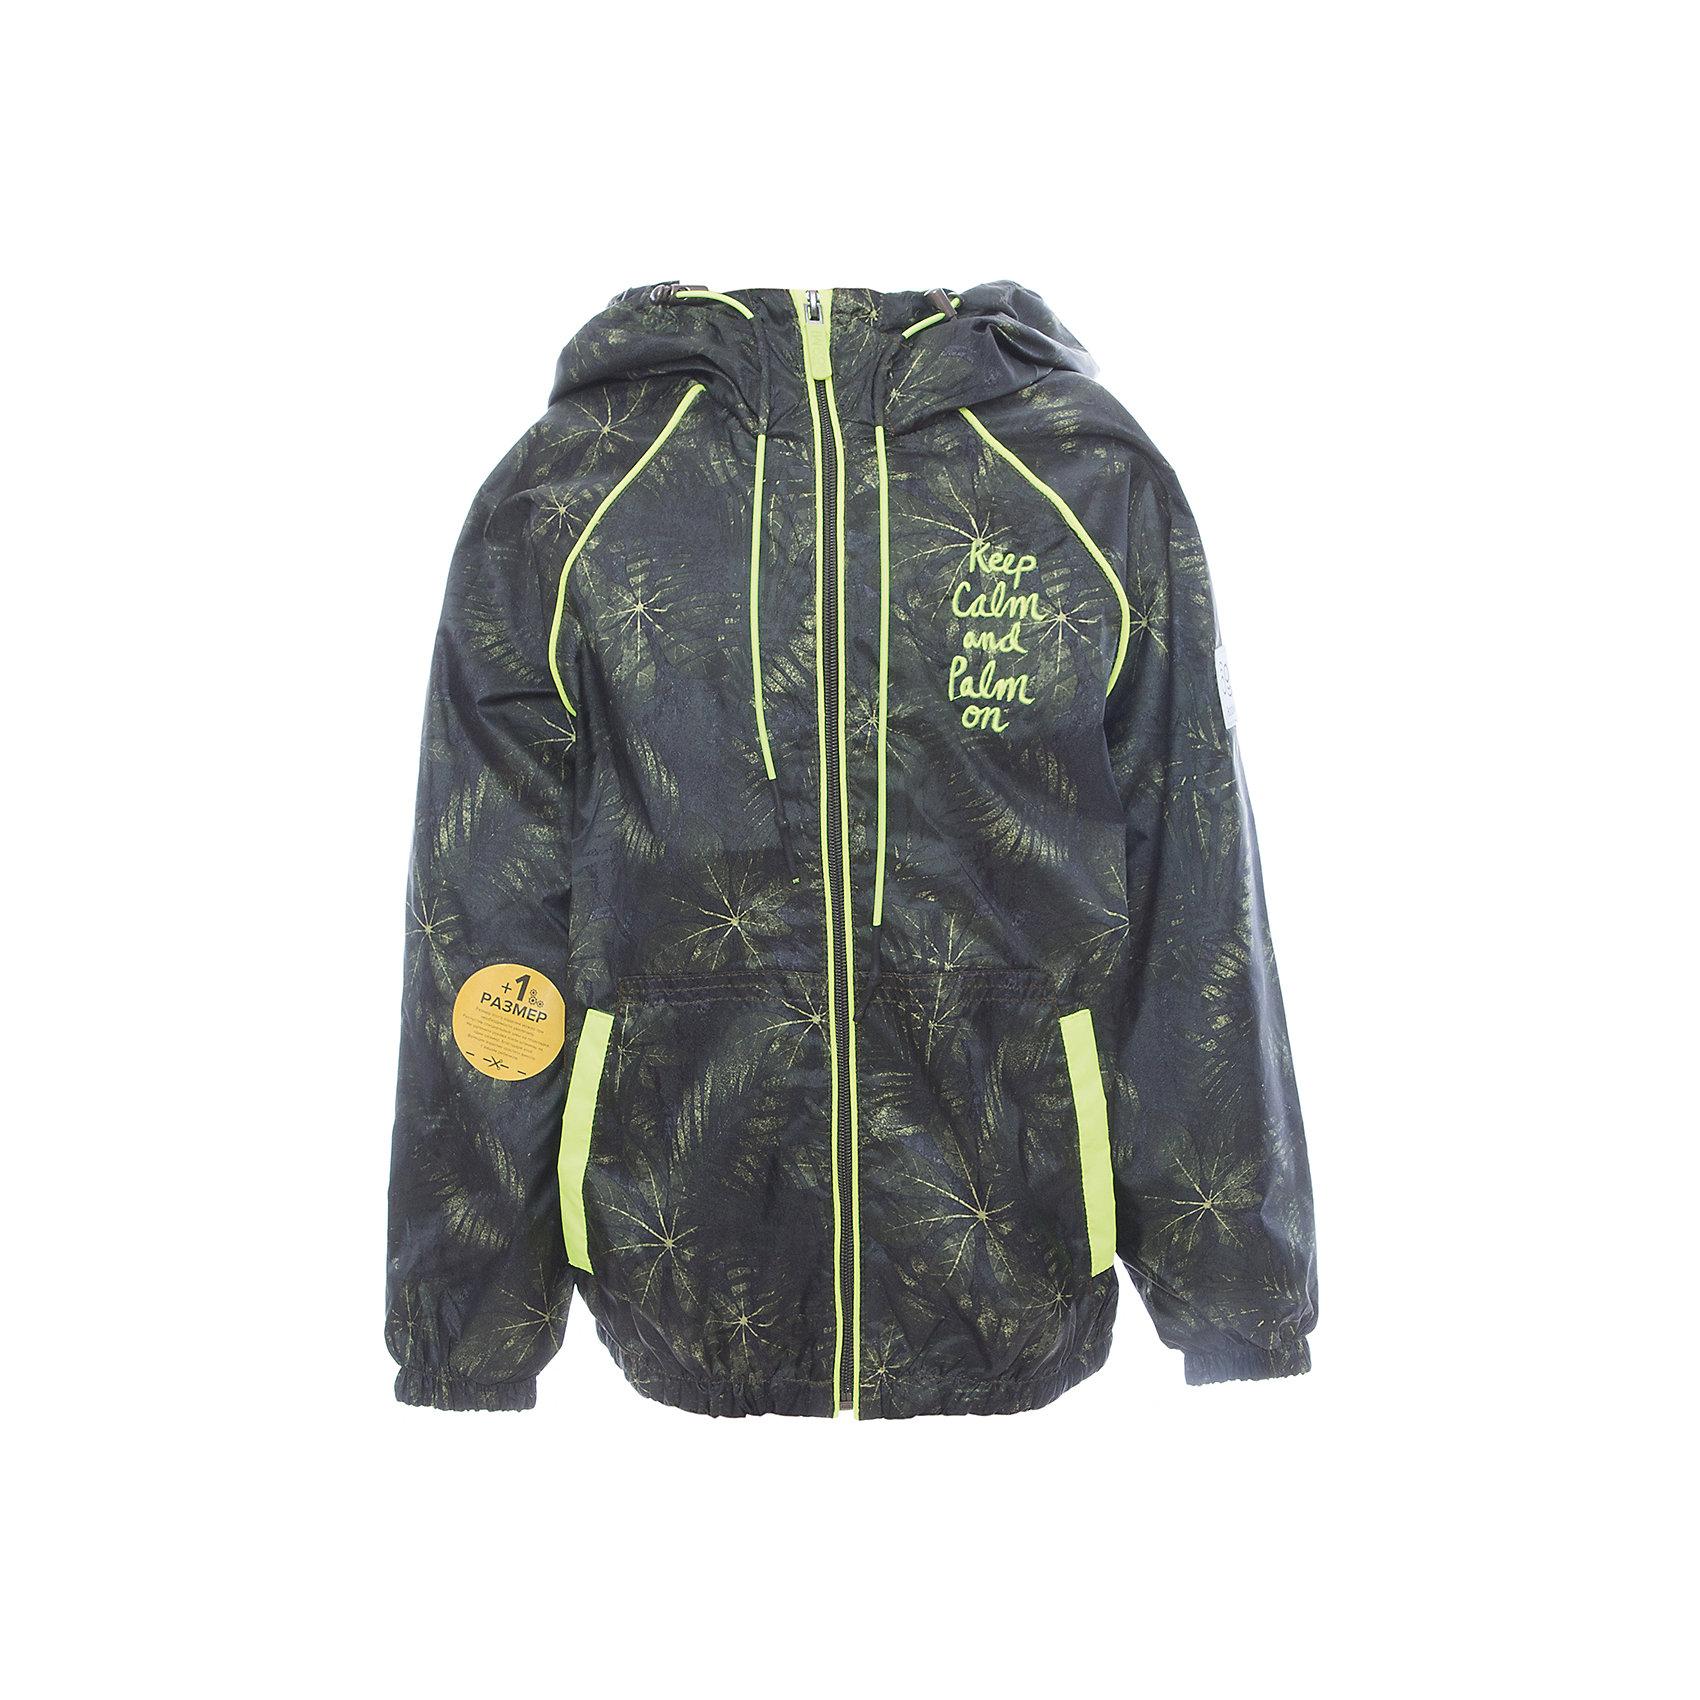 Куртка для мальчика BOOM by OrbyВерхняя одежда<br>Характеристики товара:<br><br>• цвет: зеленый<br>• состав: верх - таффета, подкладка - поликоттон, полиэстер, без утеплителя<br>• температурный режим: от +10° до +20°С<br>• карманы<br>• застежка - молния<br>• капюшон с утяжкой<br>• украшена принтом<br>• эластичные манжеты<br>• комфортная посадка<br>• страна производства: Российская Федерация<br>• страна бренда: Российская Федерация<br>• коллекция: весна-лето 2017<br><br>Легкая куртка - универсальный вариант и для прохладного летнего вечера, и для теплого межсезонья. Эта модель - модная и удобная одновременно! Изделие отличается стильным ярким дизайном. Куртка хорошо сидит по фигуре, отлично сочетается с различным низом. Вещь была разработана специально для детей.<br><br>Куртку для мальчика от бренда BOOM by Orby можно купить в нашем интернет-магазине.<br><br>Ширина мм: 356<br>Глубина мм: 10<br>Высота мм: 245<br>Вес г: 519<br>Цвет: зеленый<br>Возраст от месяцев: 48<br>Возраст до месяцев: 60<br>Пол: Мужской<br>Возраст: Детский<br>Размер: 134,110,152,116,158,122,128,140,146<br>SKU: 5343308